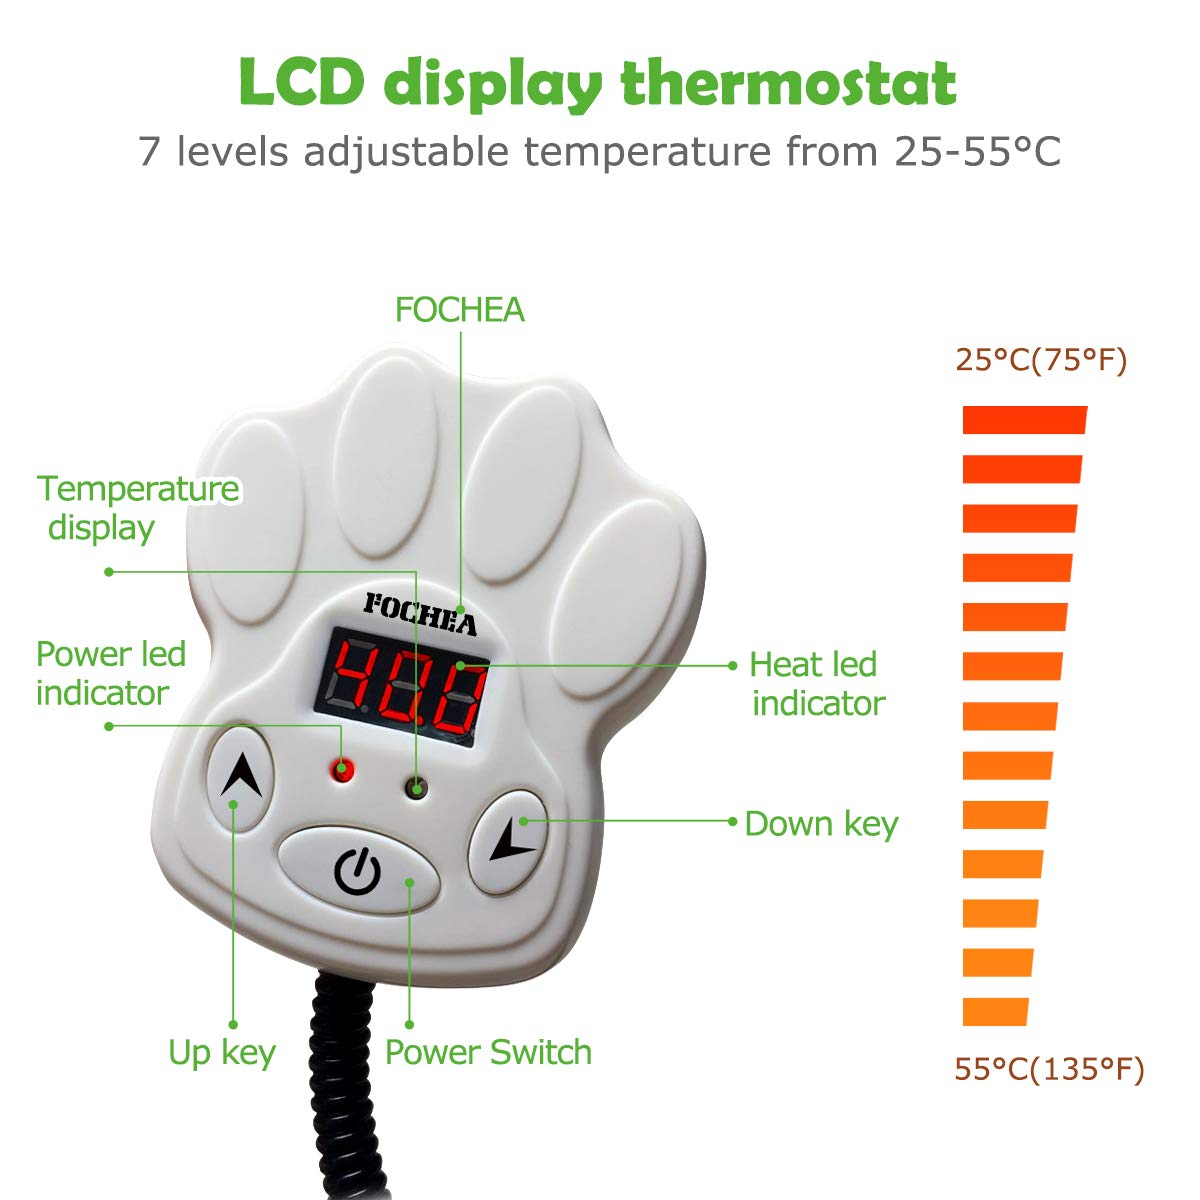 Tappetino Riscaldante per Cane e Gatto 7 Livelli di Temperatura Regolabili 25~55/°C di Termostato 2 Coperture Lavabili FOCHEA 15W 40cm Cuscino Termico Elettrico per Animali Domestici